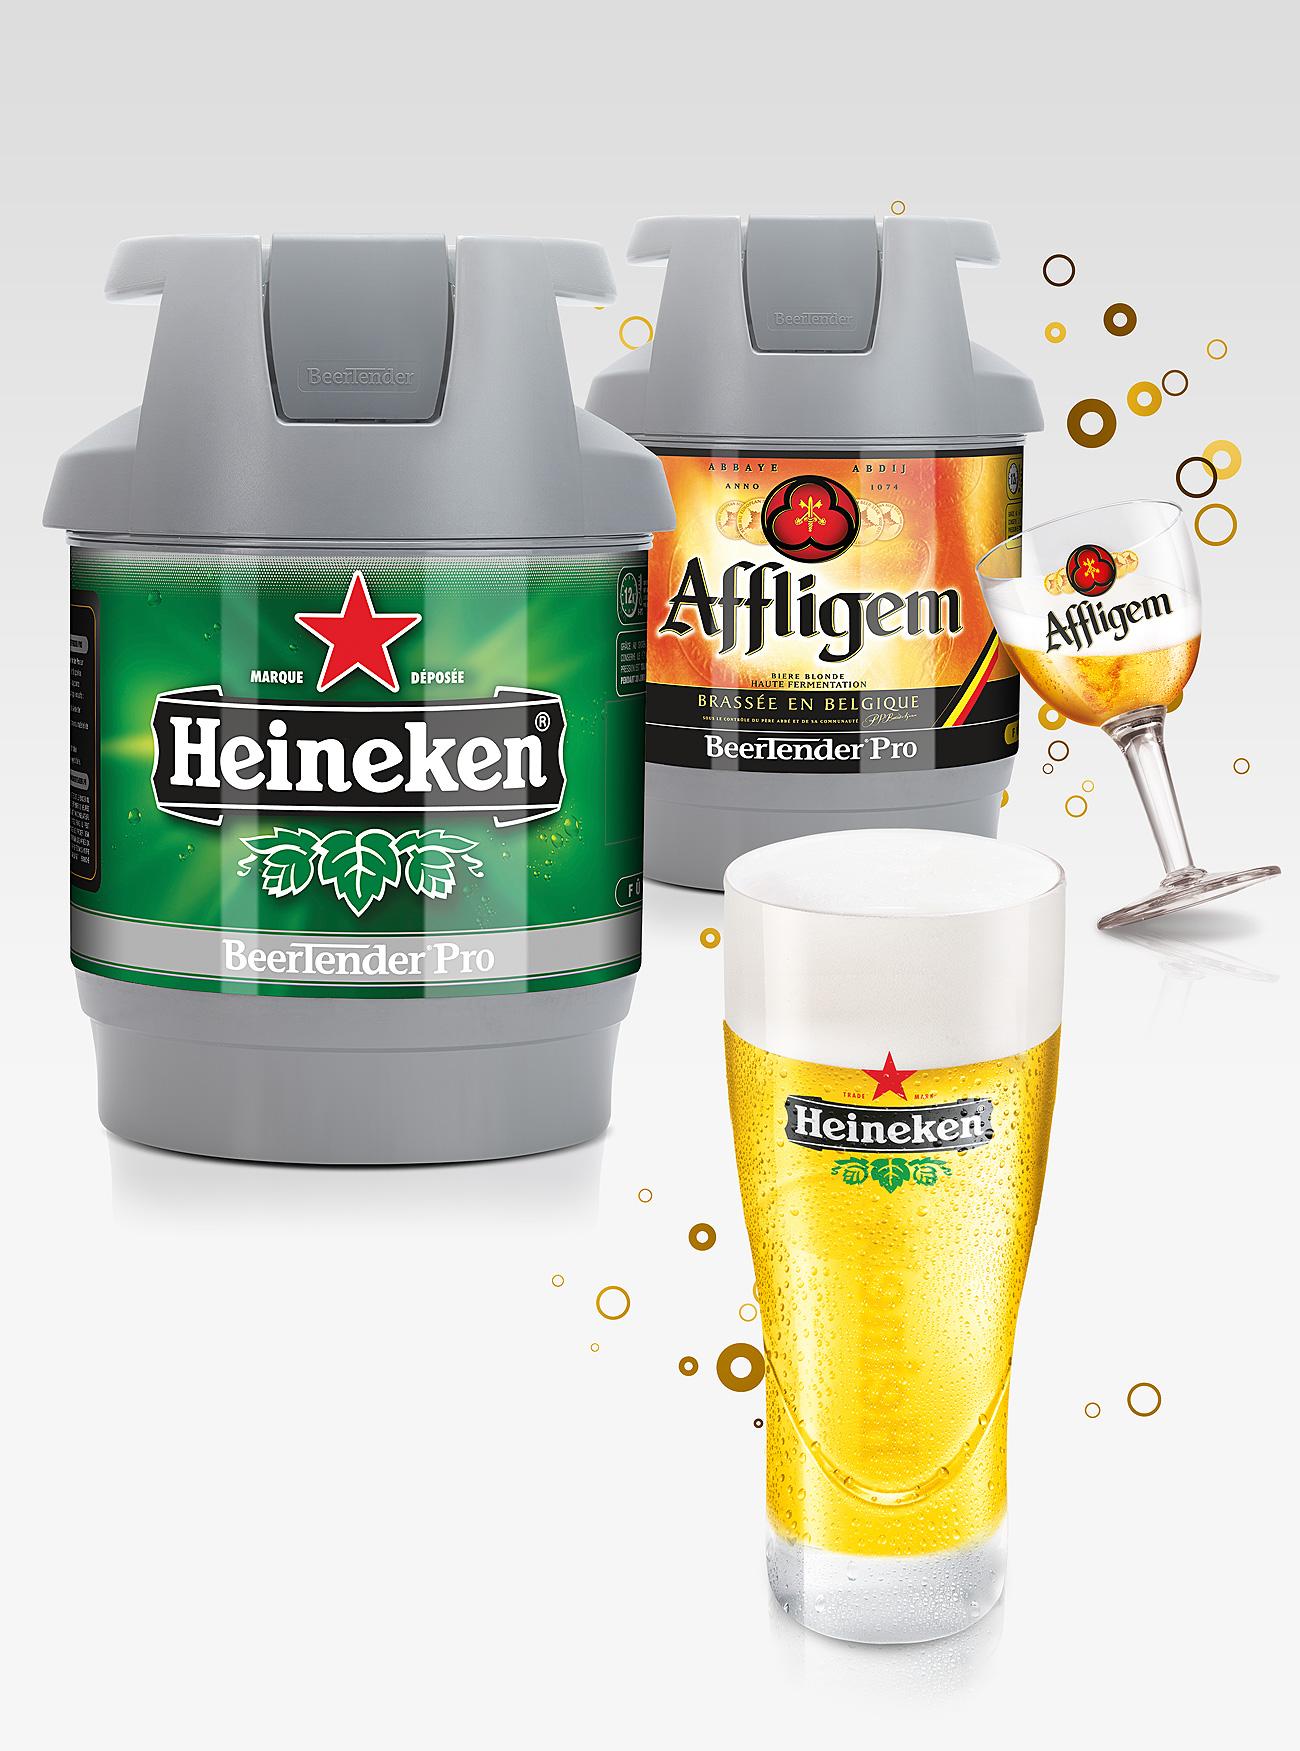 Fût de bière Heineken et Affligen